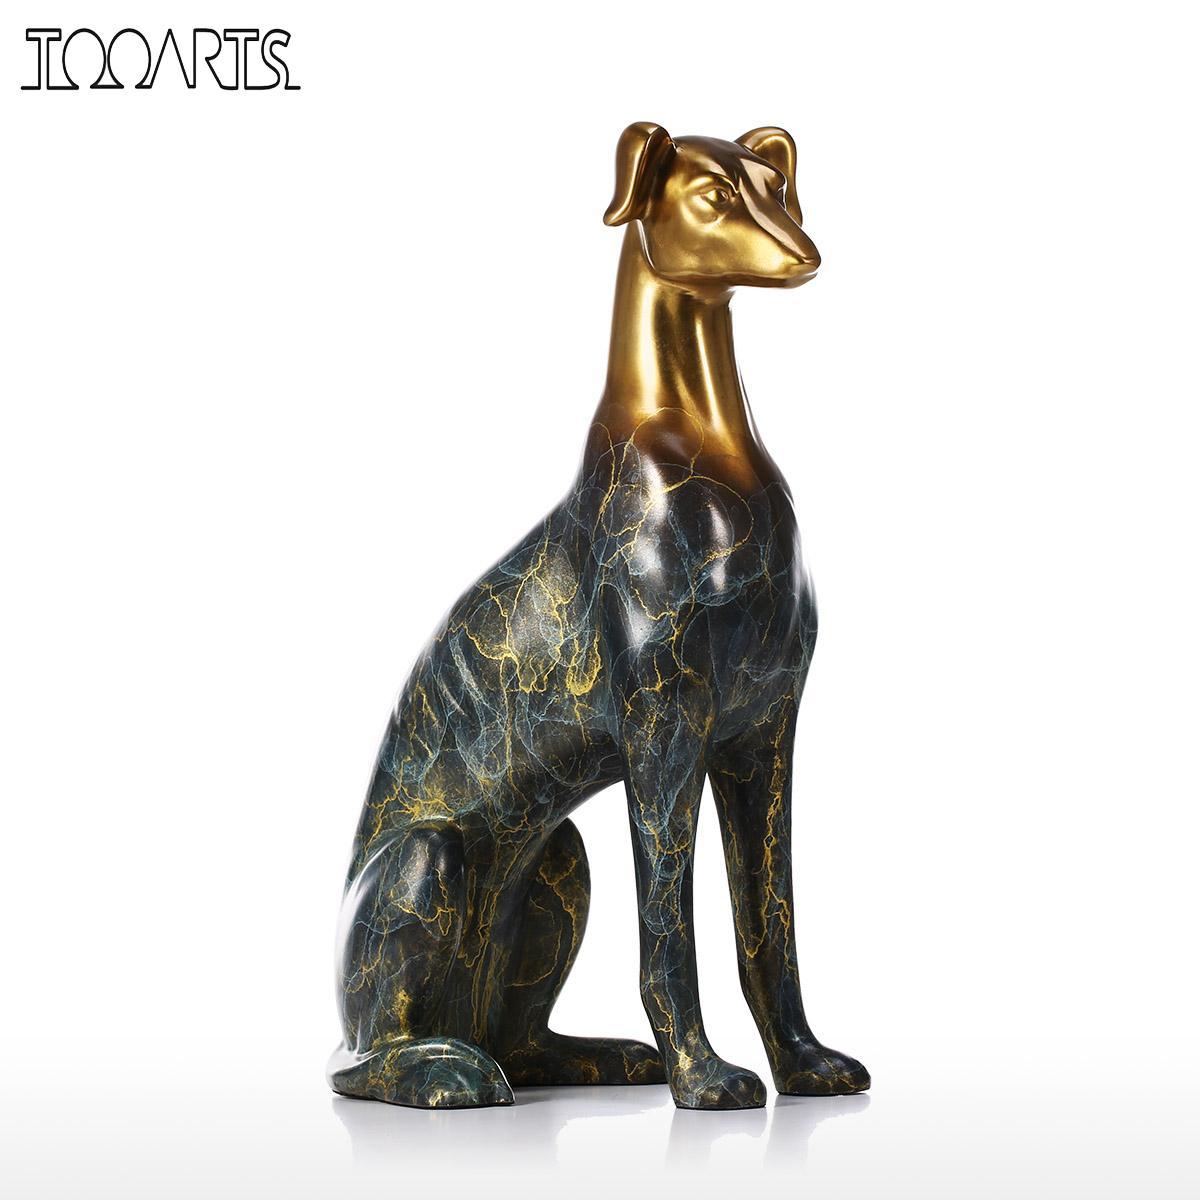 Tooarts Labrador Cane Scultura In Bronzo Complementi Arredo Casa Scultura Desktop Decorativa Figurine Animali Fatti A Mano Statue e Sculture